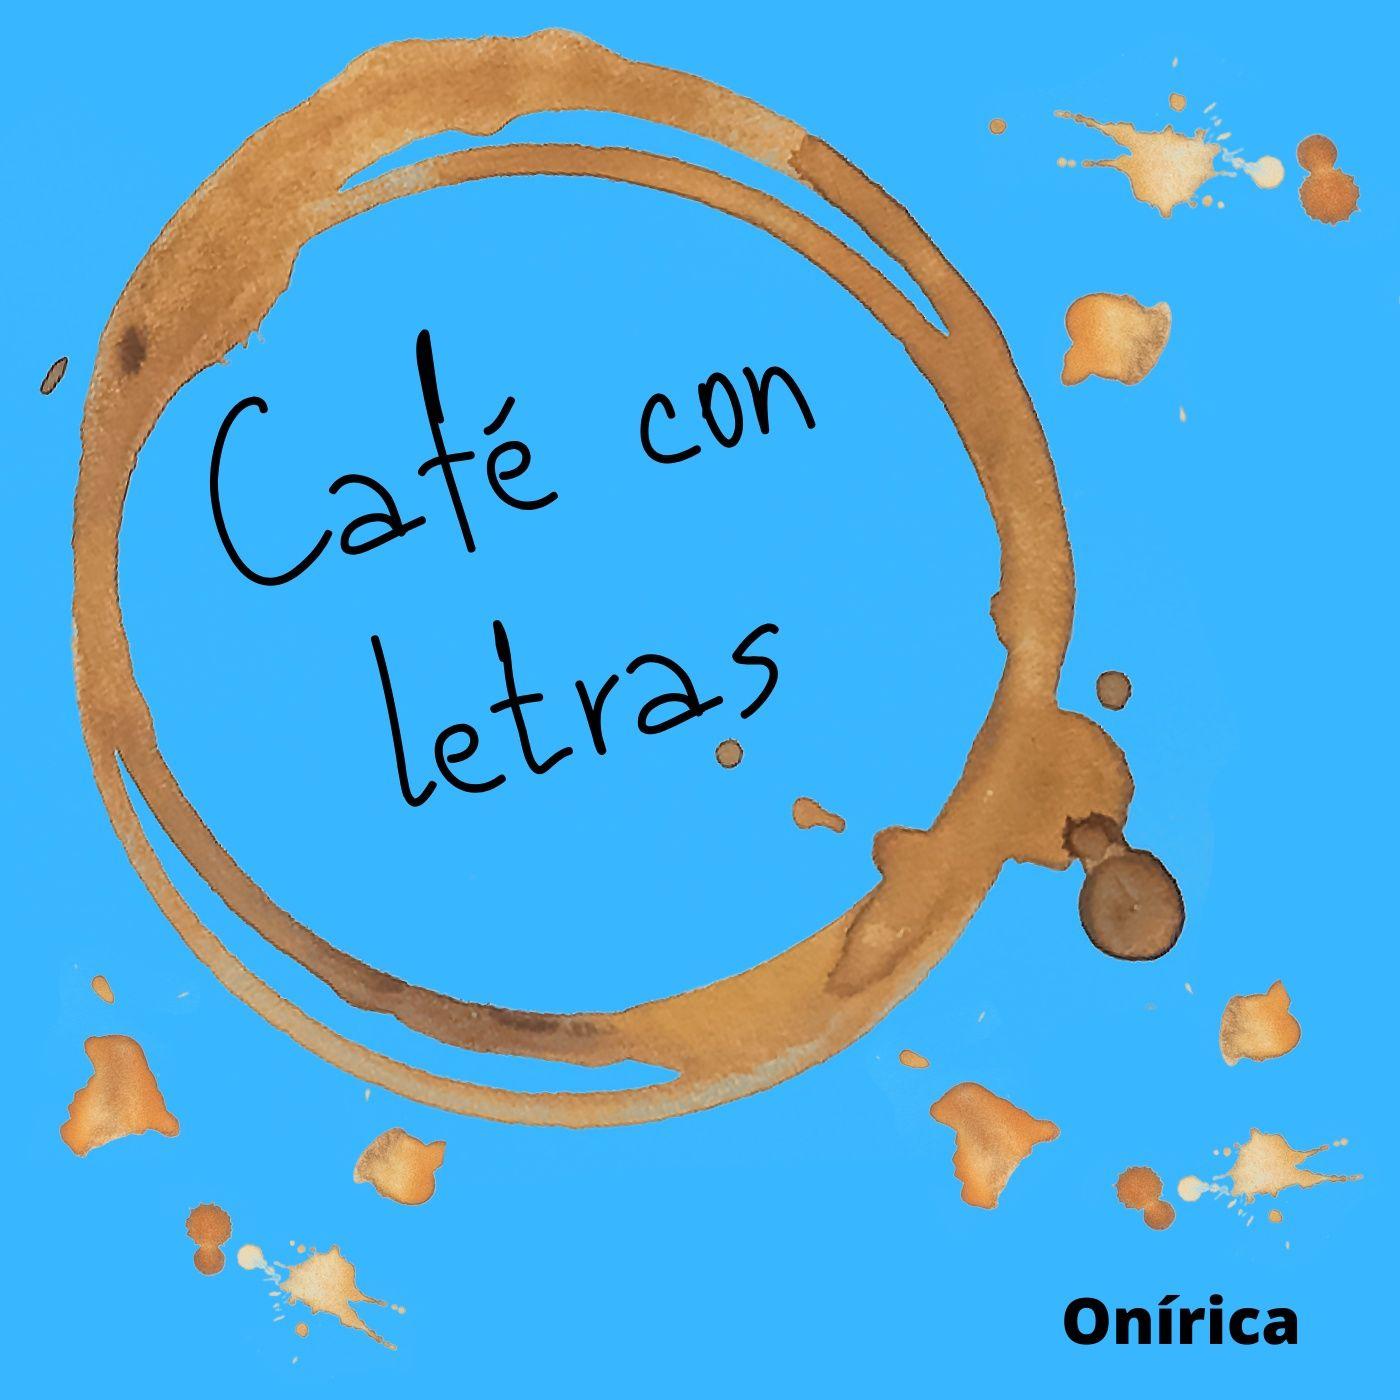 Café con letras - Episodio 1 Calendario de amor